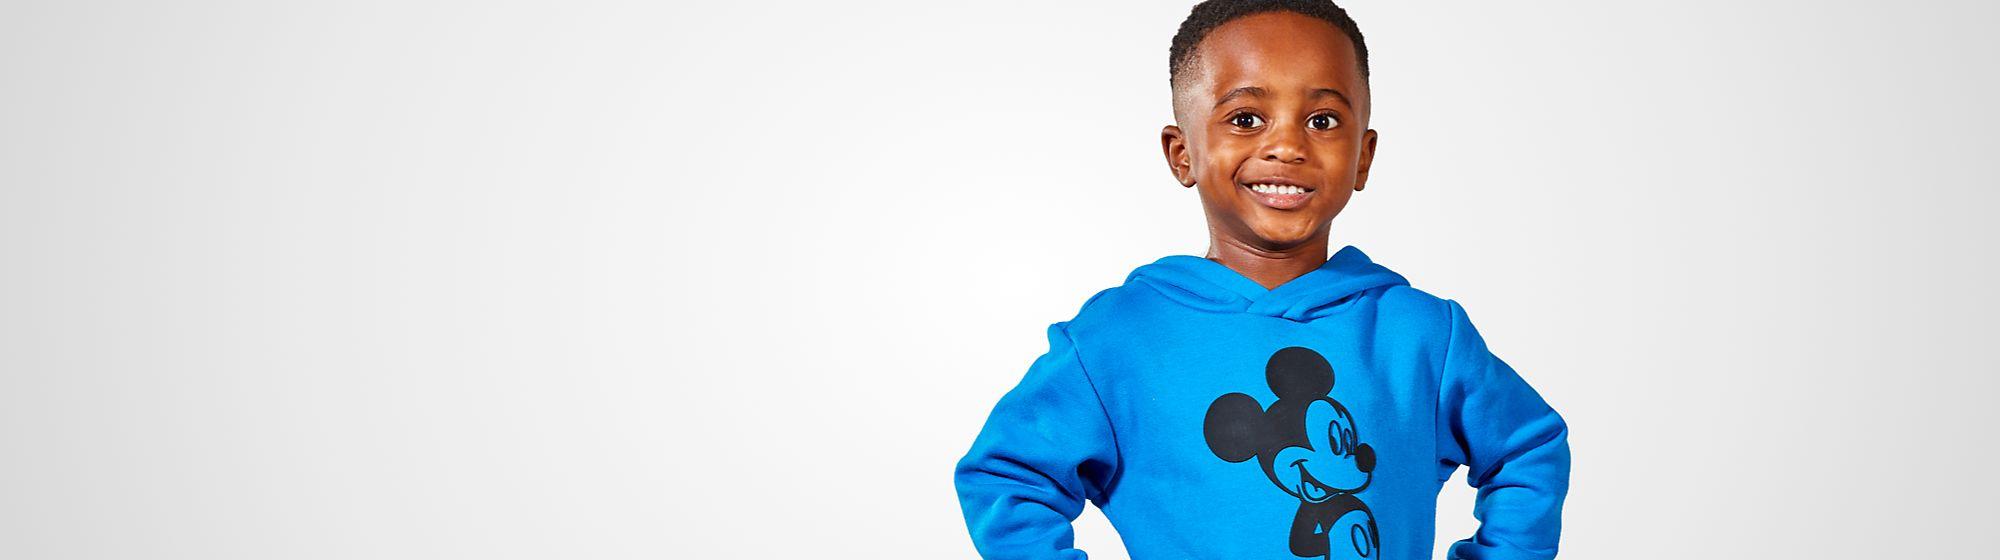 Vêtements Garçon Avec la gamme de vêtements pour garçon de Disney, vos enfants seront ravis de porter les couleurs de tous leurs héros favoris !